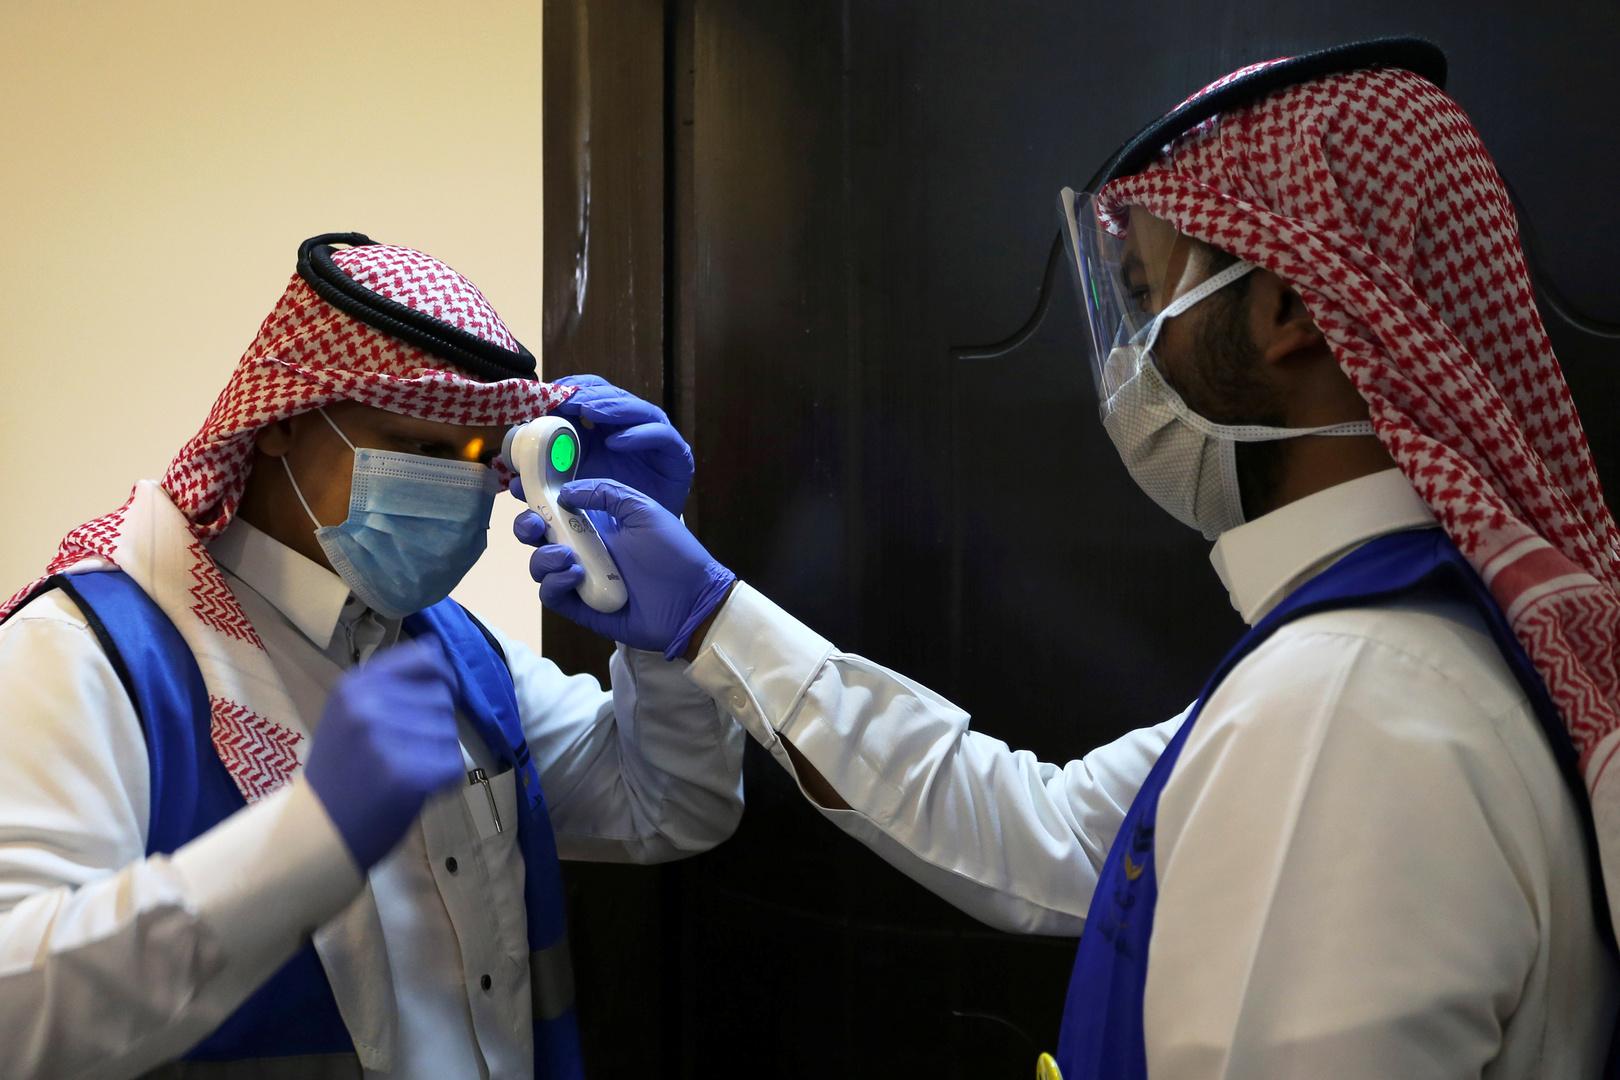 إصابات كورونا في السعودية فوق الـ300 لليوم الـ5 ووزارة الصحة تحذر من زيادة وتيرة تفشي الوباء